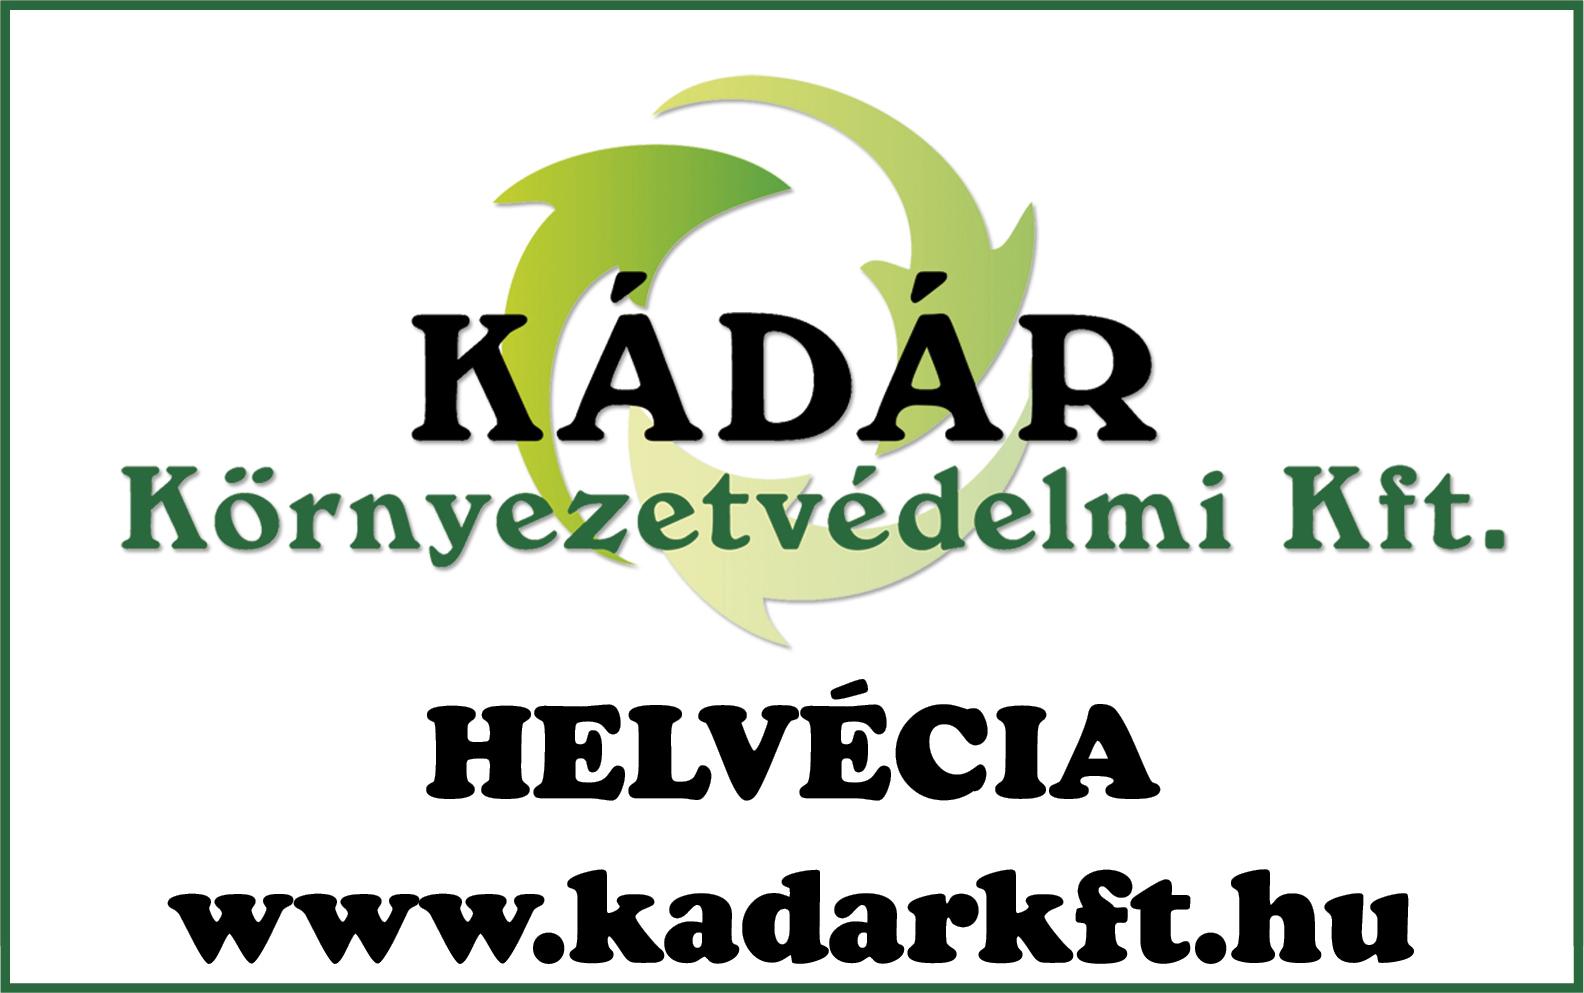 Kádár Környezetvédelmi Kft.